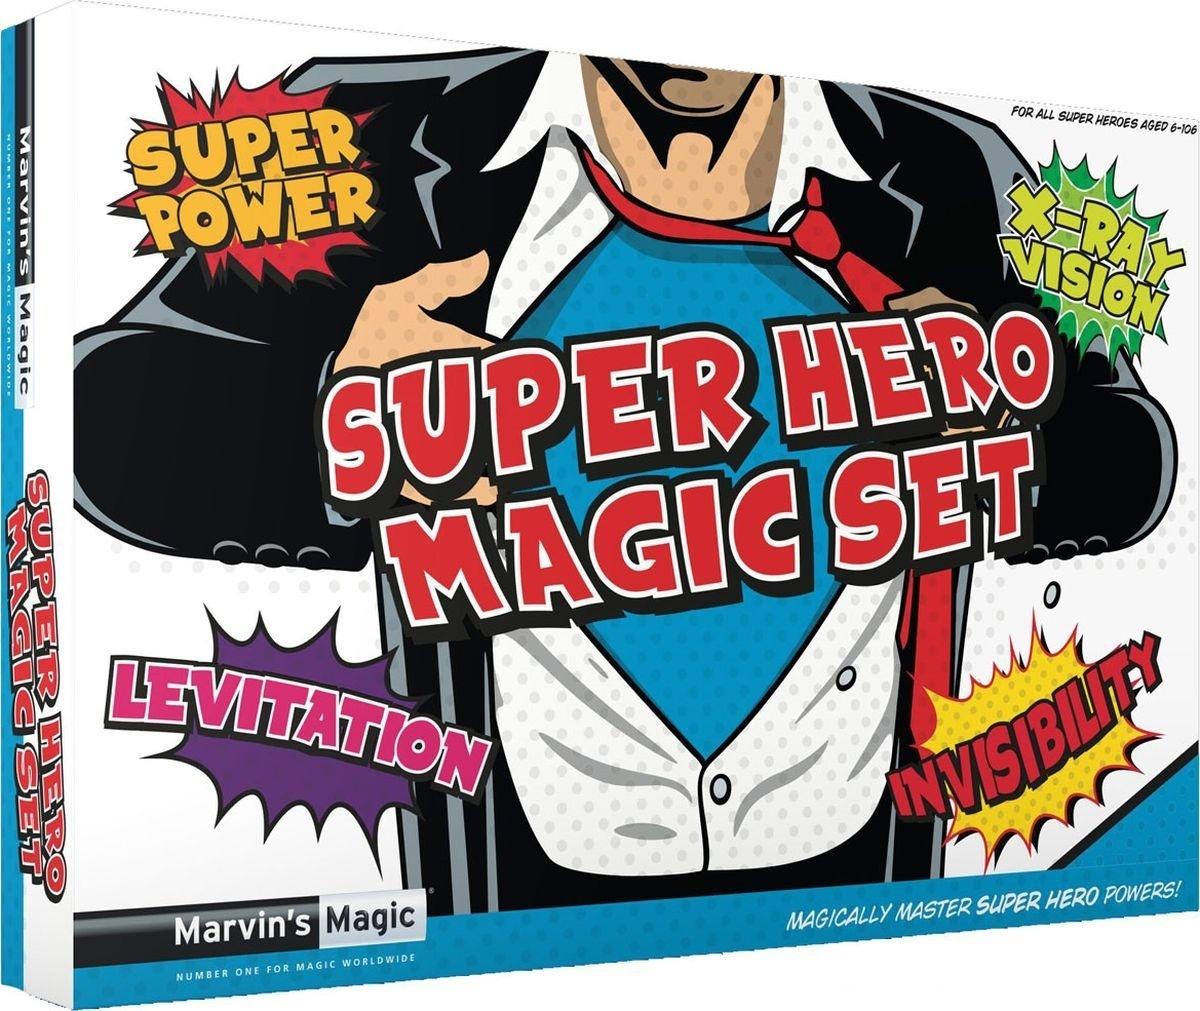 Фокусы Marvins iMagic Super Hero Magic SetВы когда-нибудь хотели стать супергероем? Невероятные способности, такие как, левитация, управление светом, быстрое переодевание и инфракрасное зрение, позволят вам испытать супер силы. Размер упаковки: 26 х 39 х 5 см. Рекомендуемый возраст 8+<br>